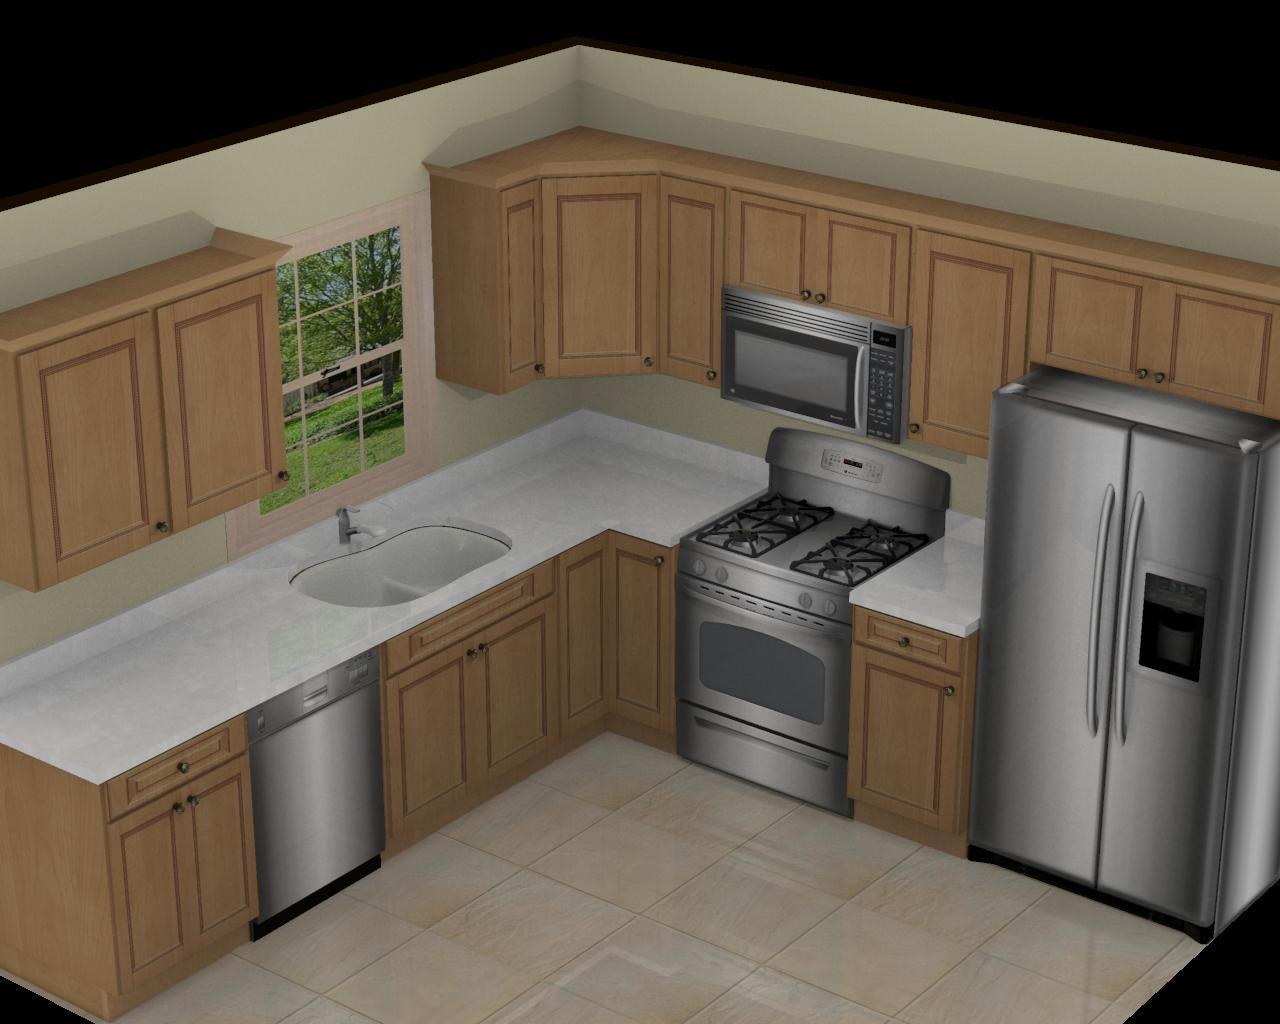 kitchen design plans kitchen cabinet layout ideas kitchen design ikea sales